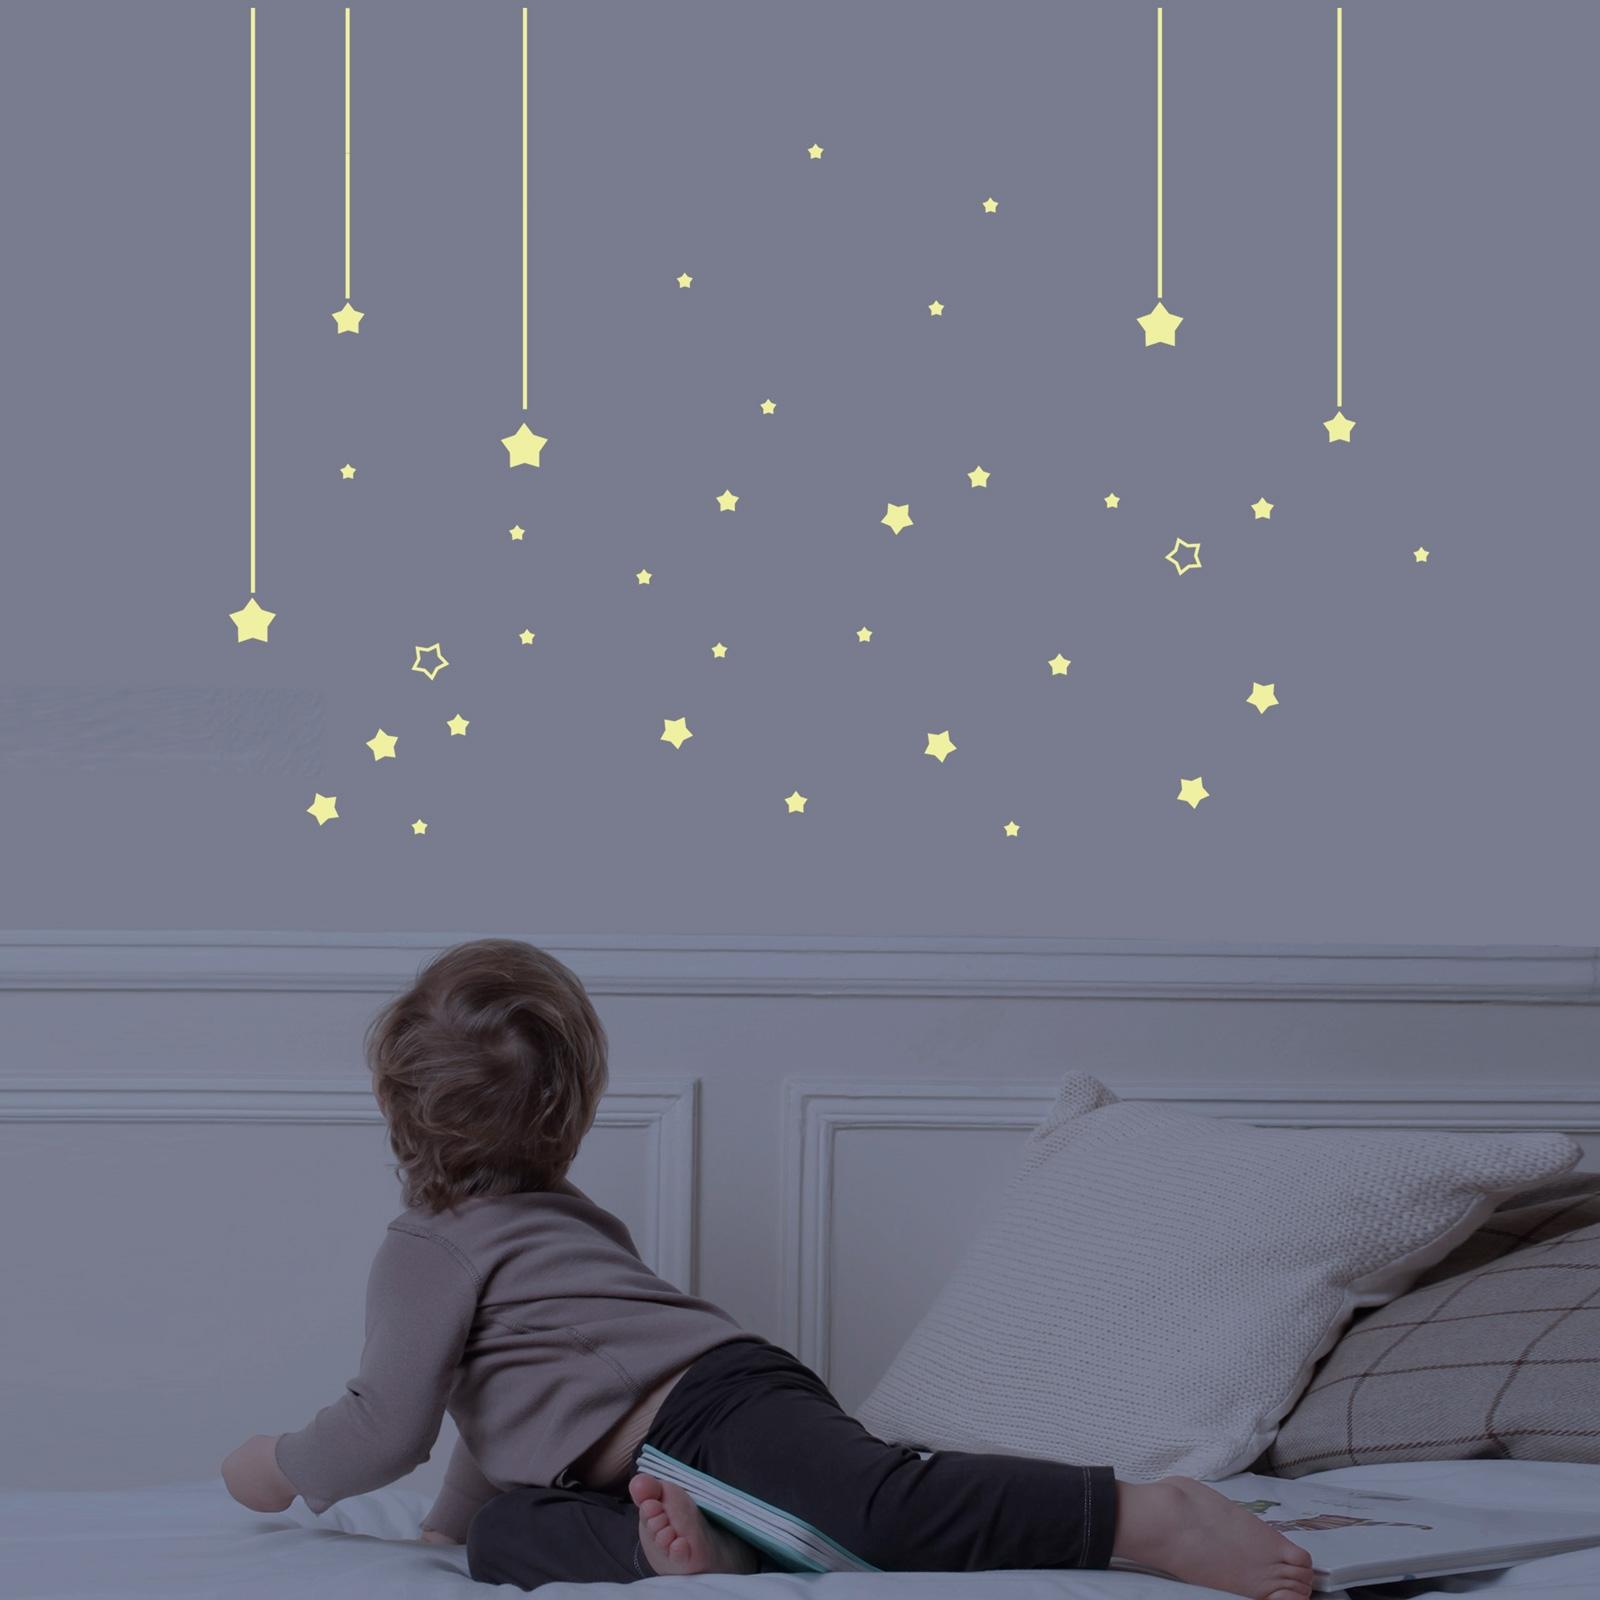 Chambre enfant étoiles : déco thème étoile pour chambre fille